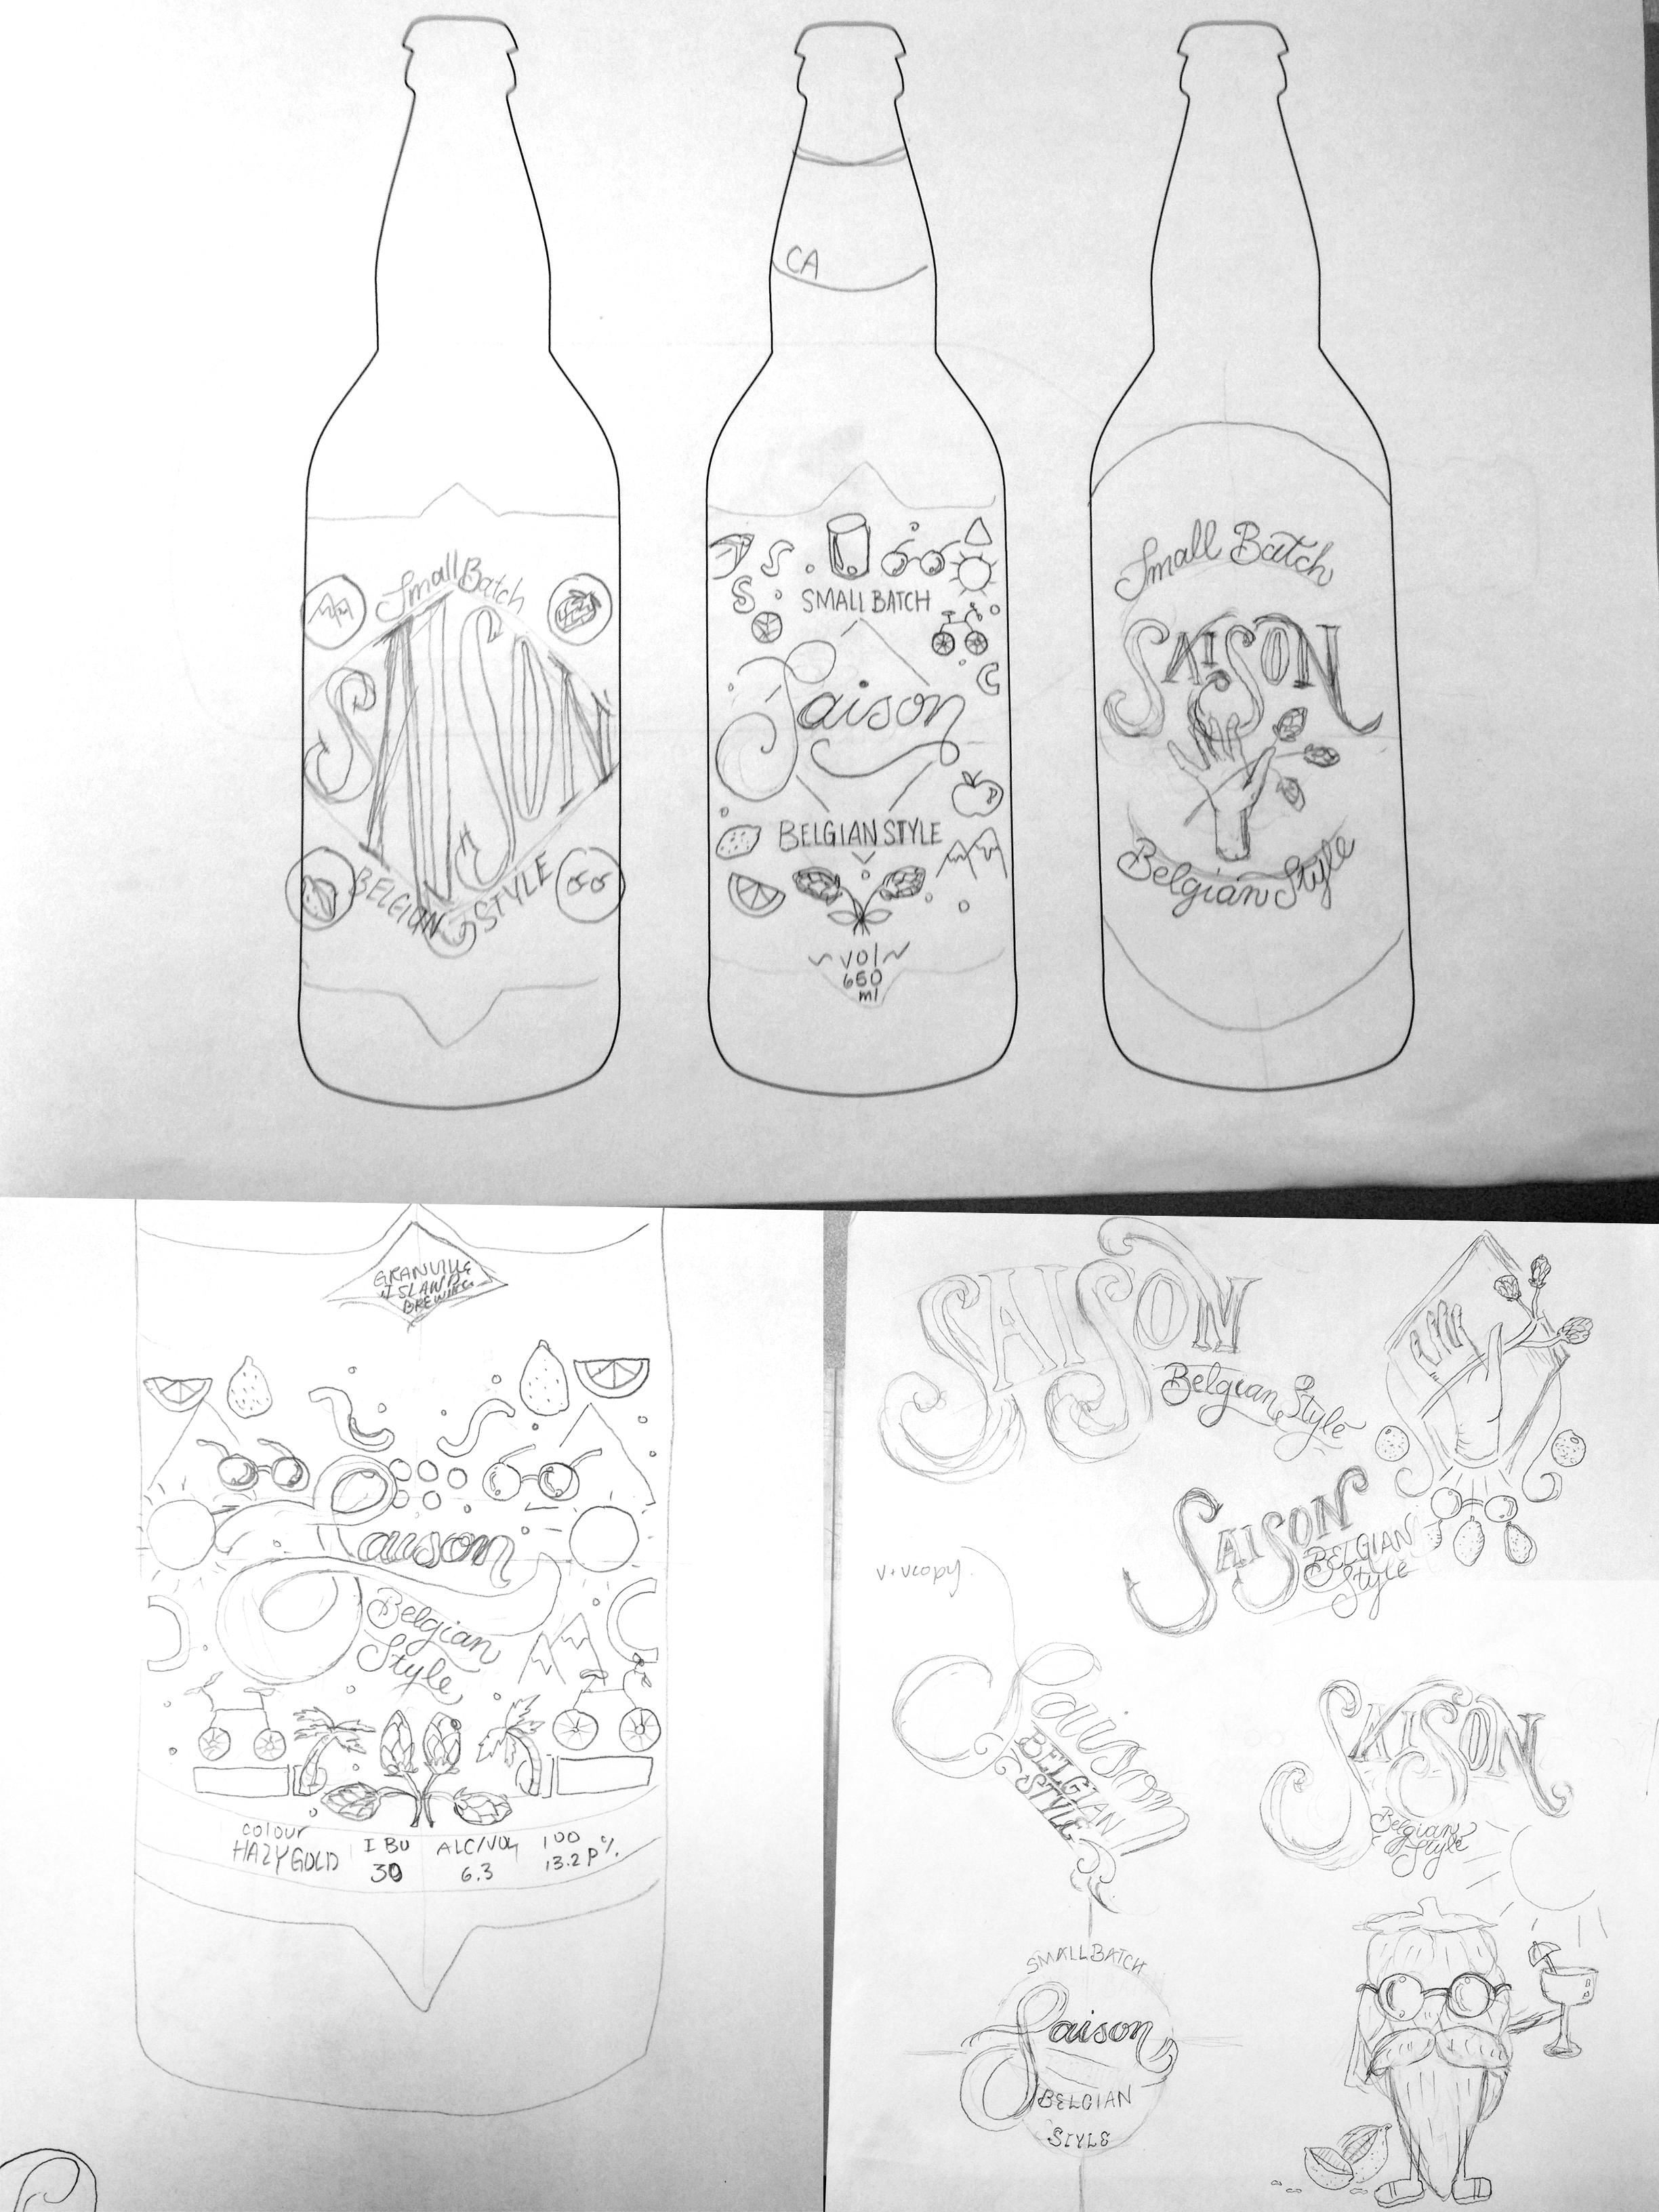 beersketches 2 copy.jpg